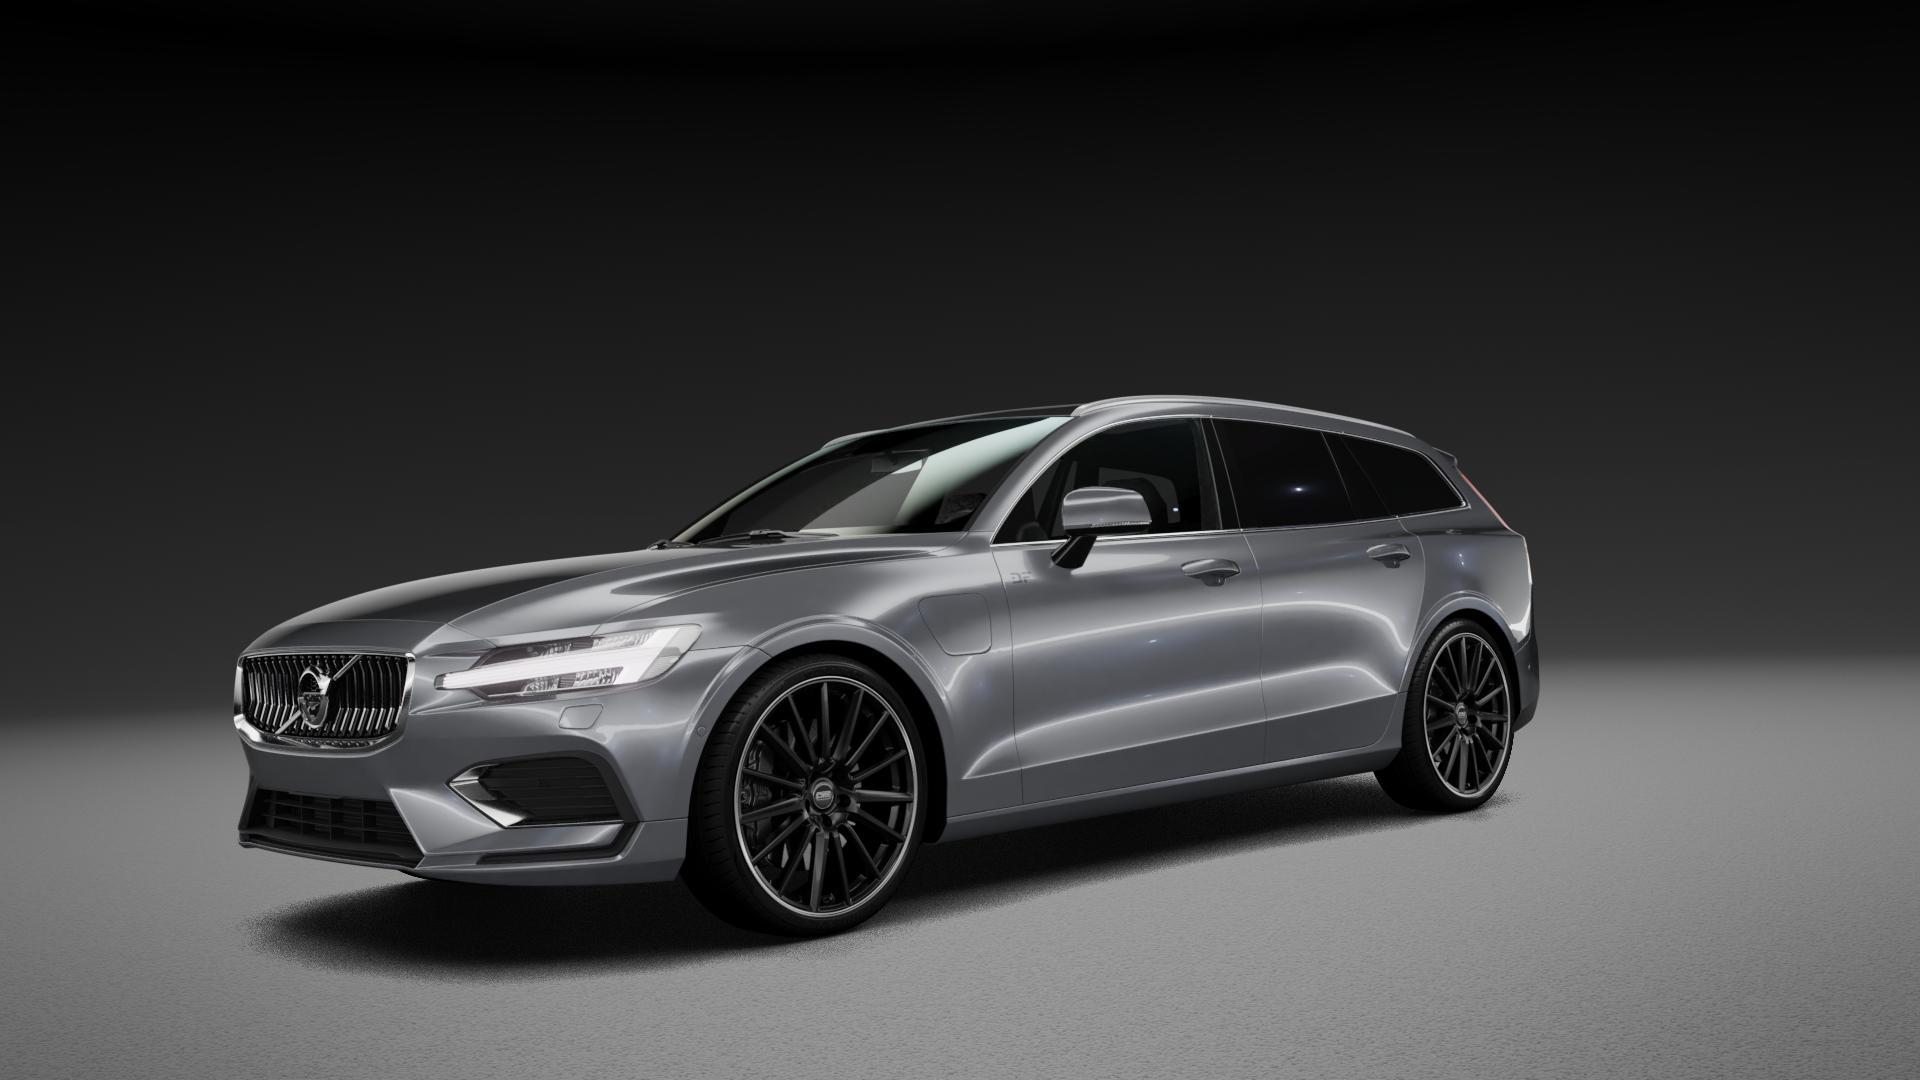 CMS C23 Diamond Rim Black Felge mit Reifen grau schwarz in 20Zoll Winterfelge Alufelge auf silbernem Volvo V60 Typ Z ⬇️ mit 15mm Tieferlegung ⬇️ Neutral_mid_max5300mm Frontansicht_1